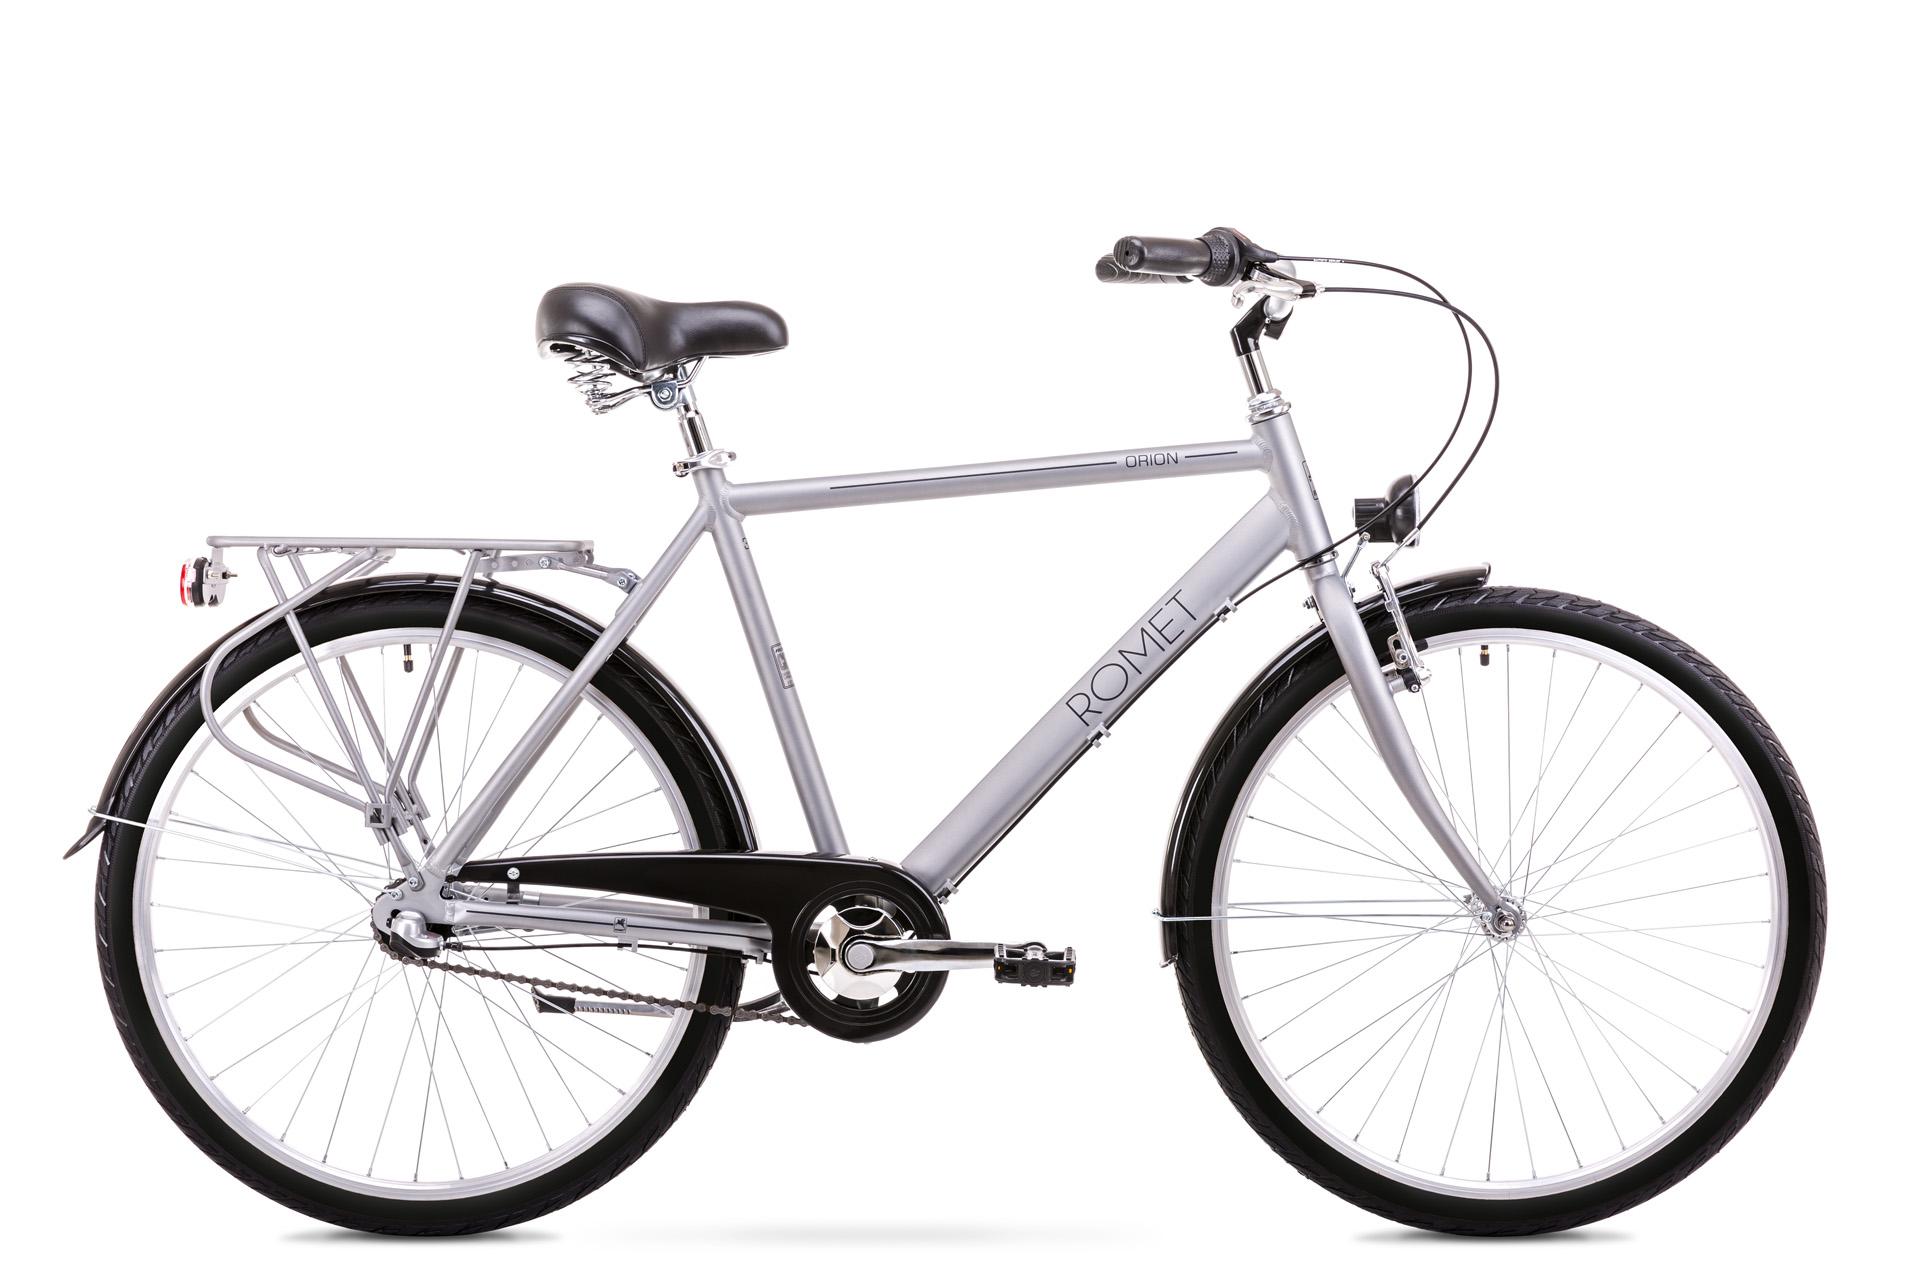 Bicicleta de oras pentru Barbati Romet Orion 3S Argintiu 2019 imagine